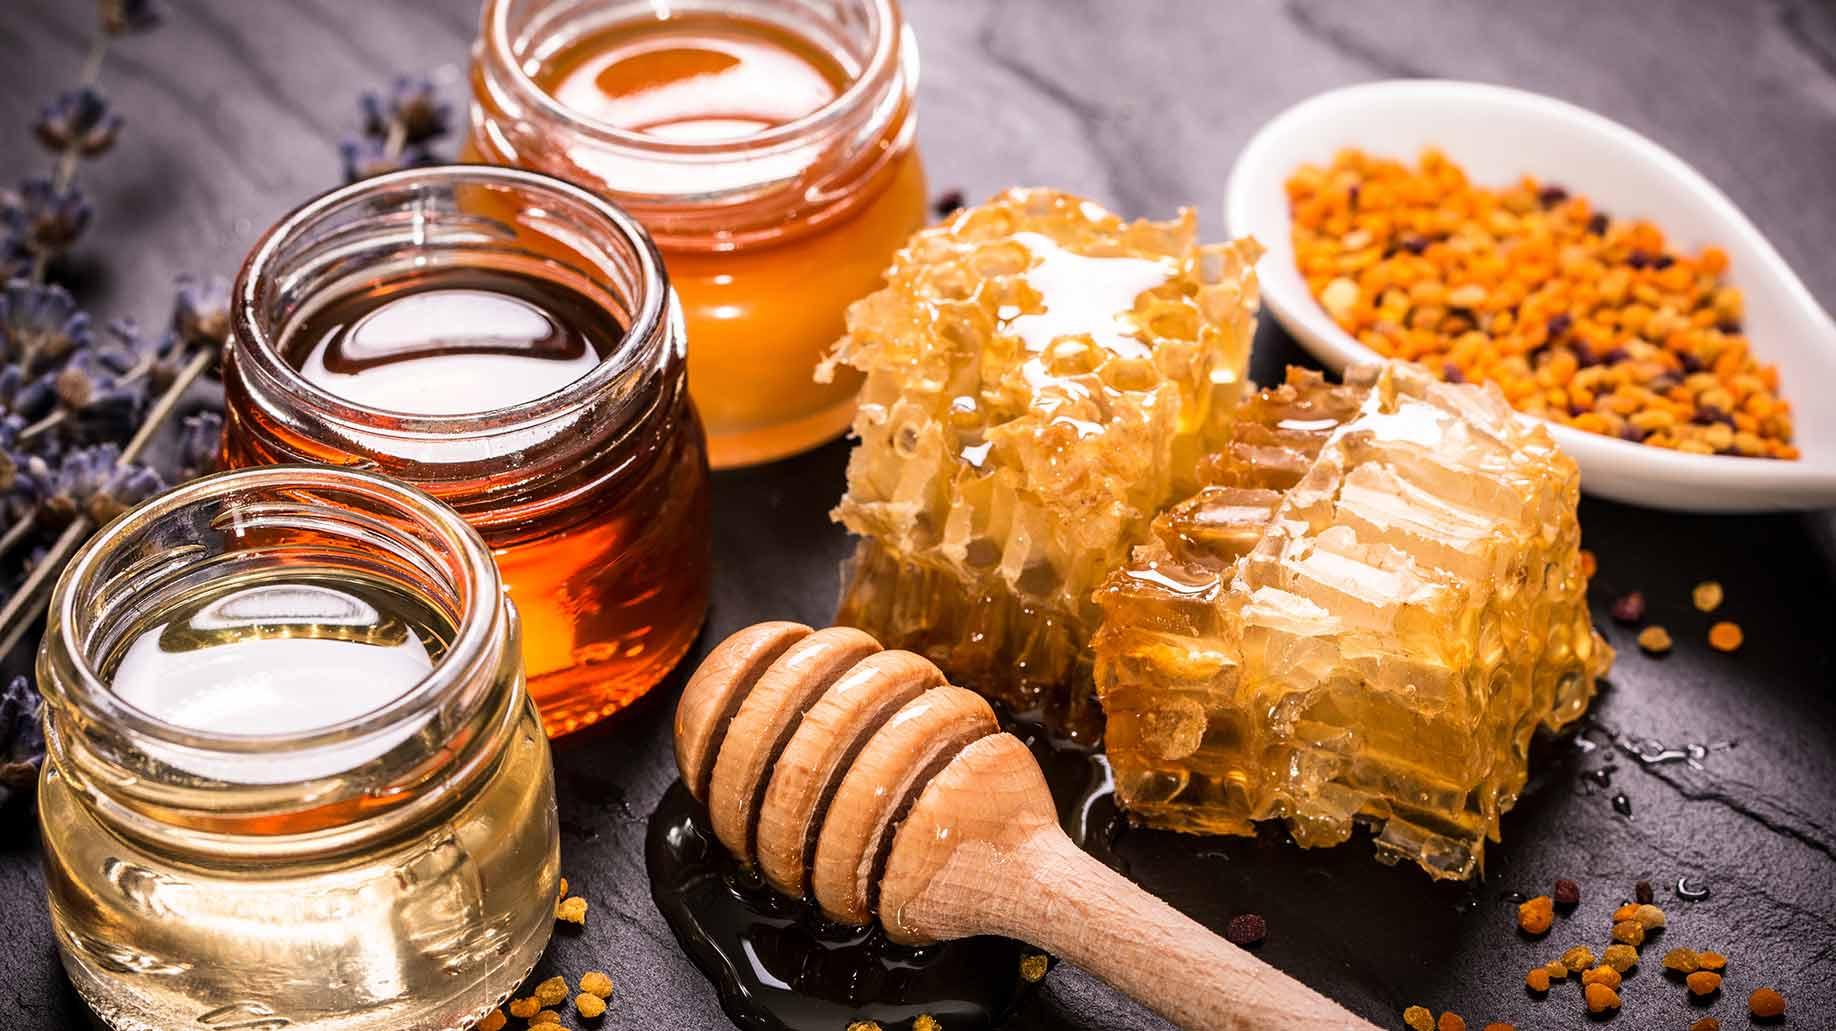 Интернет-провайдер в Красноярске рассказывает: Правила выбора натурального меда